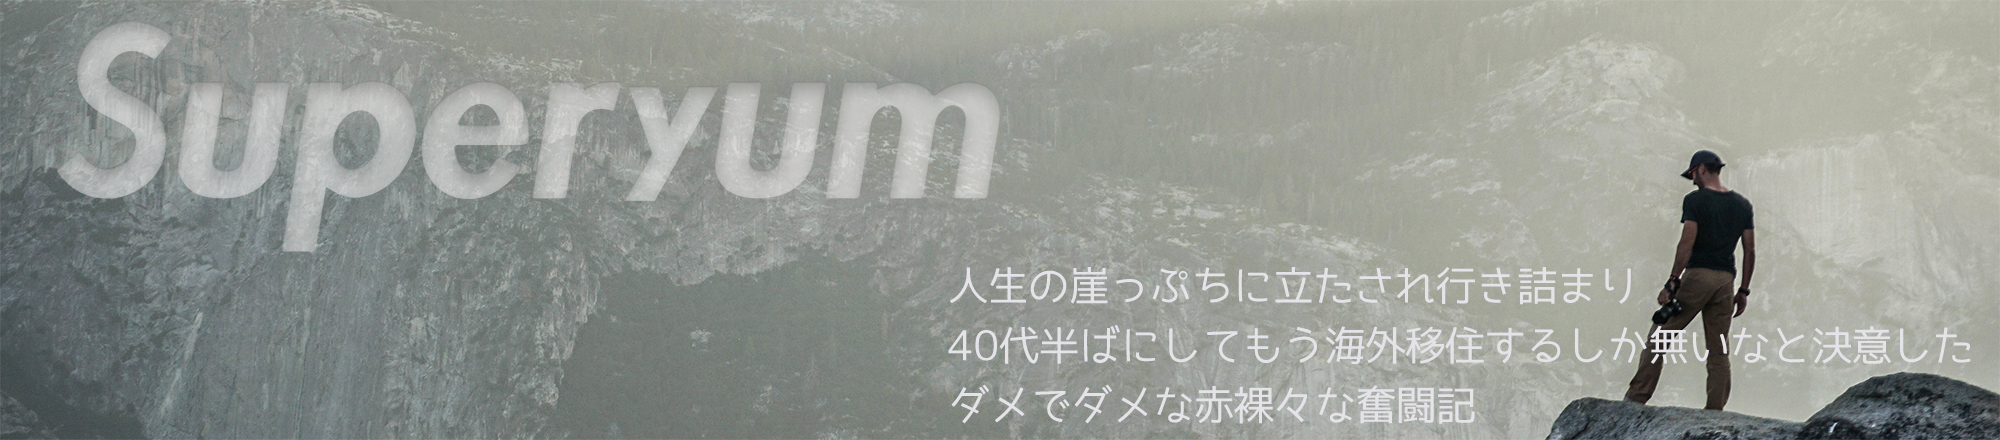 Superyum